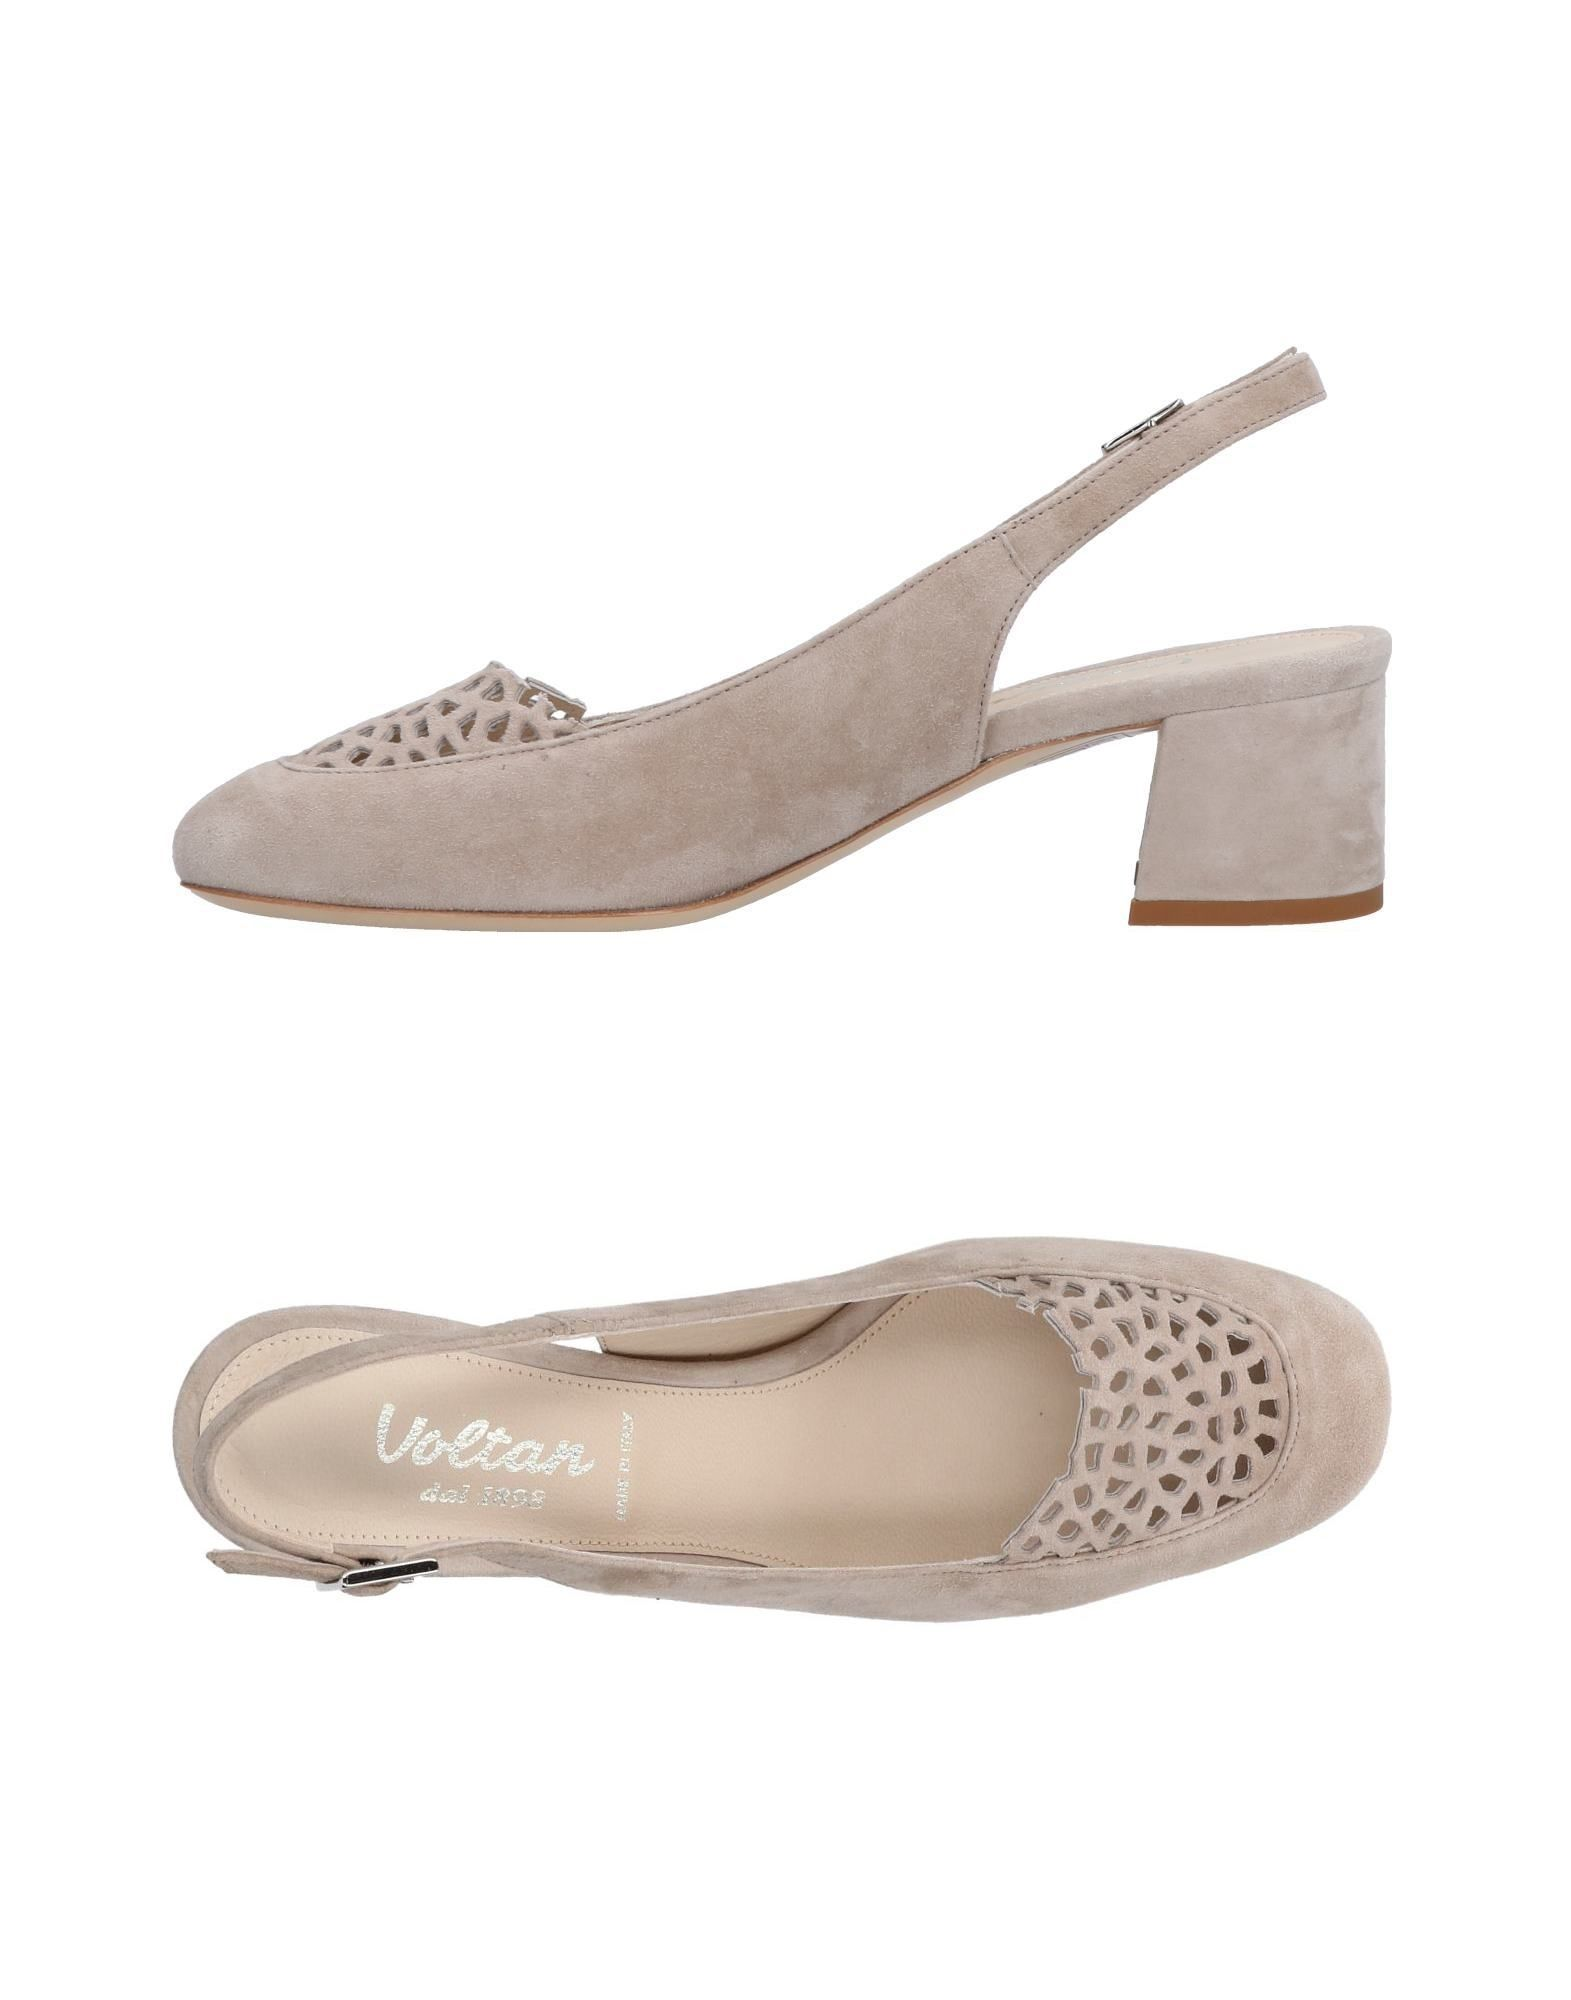 Gran descuento Salones Zapato De Salón Voltan Mujer - Salones descuento Voltan  Beige 342aa8